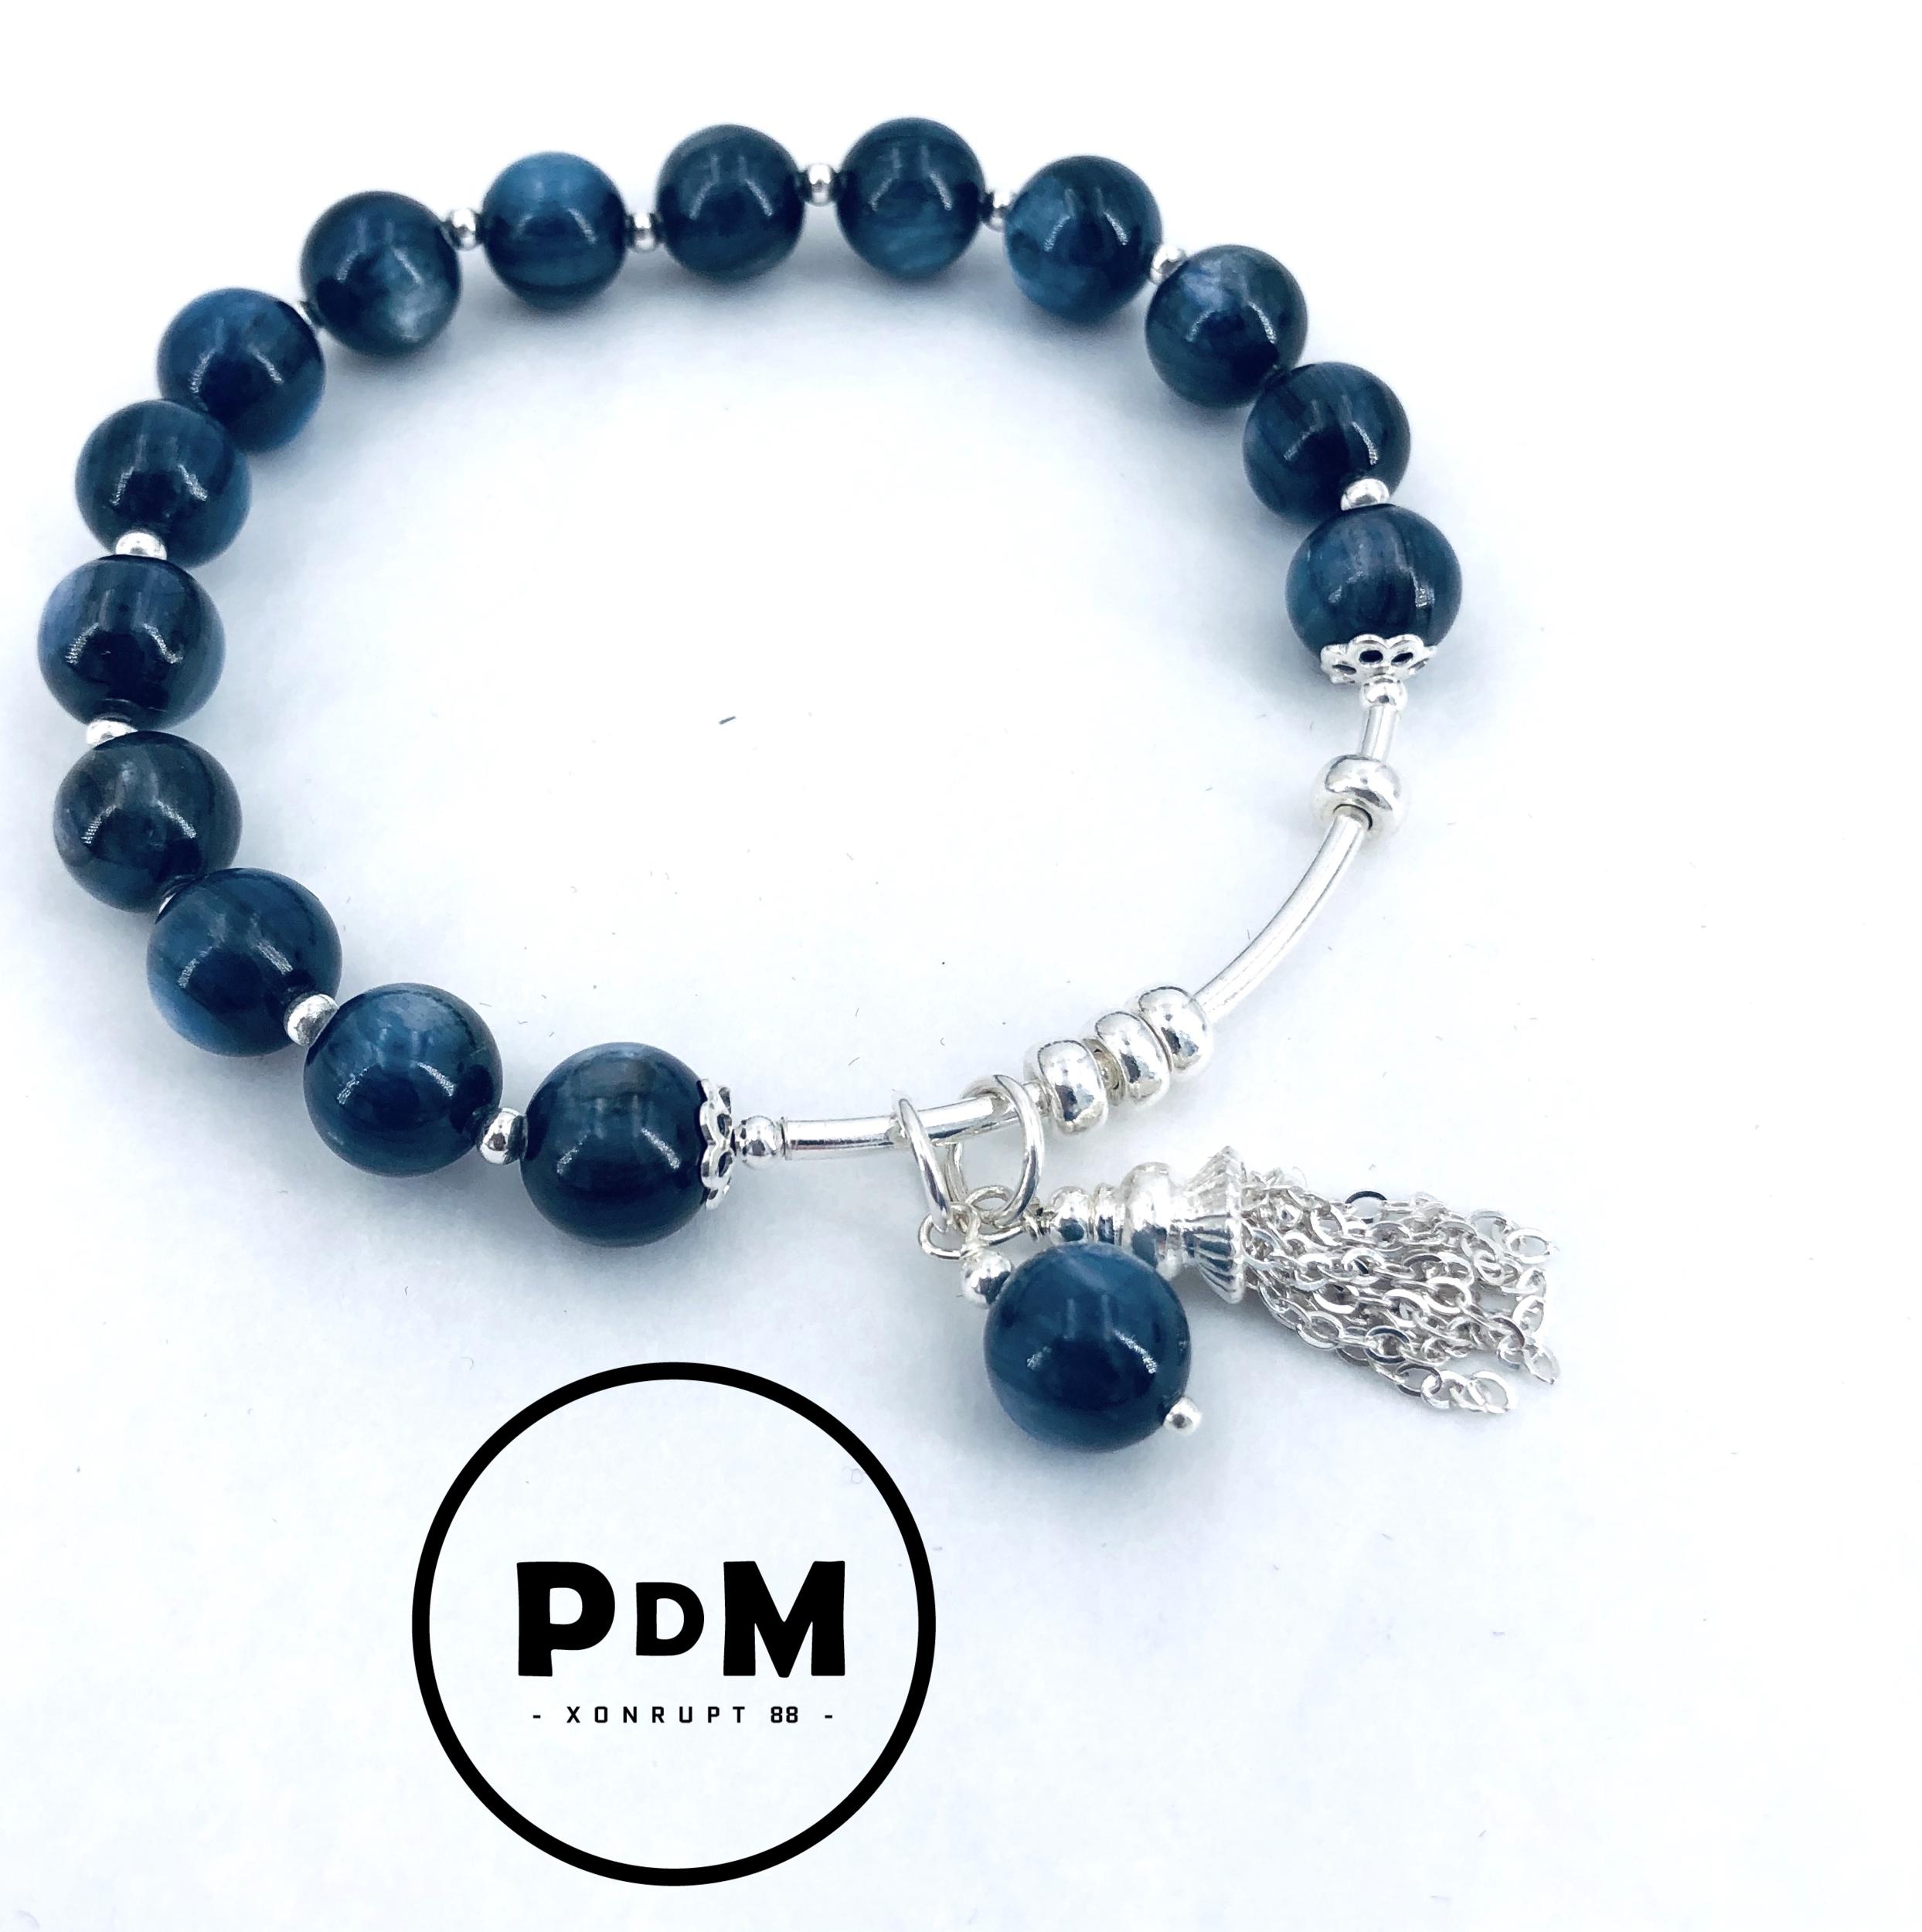 Bracelet en pierre naturelle de Cyanite en perles de 8mm et argent